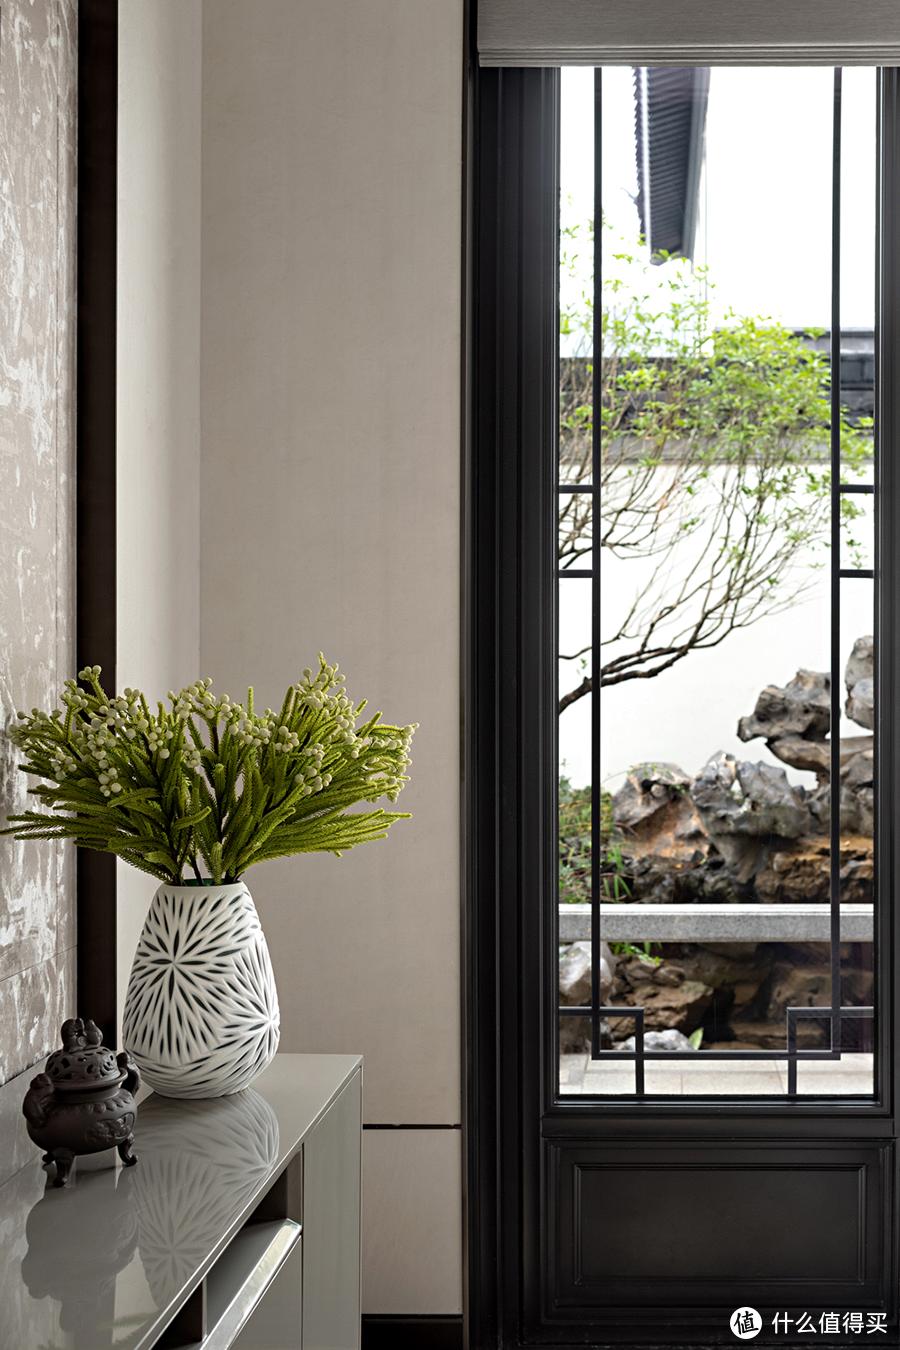 门窗太low配不上家里的装修?家居门窗如何装出「质感」和「高级感」?